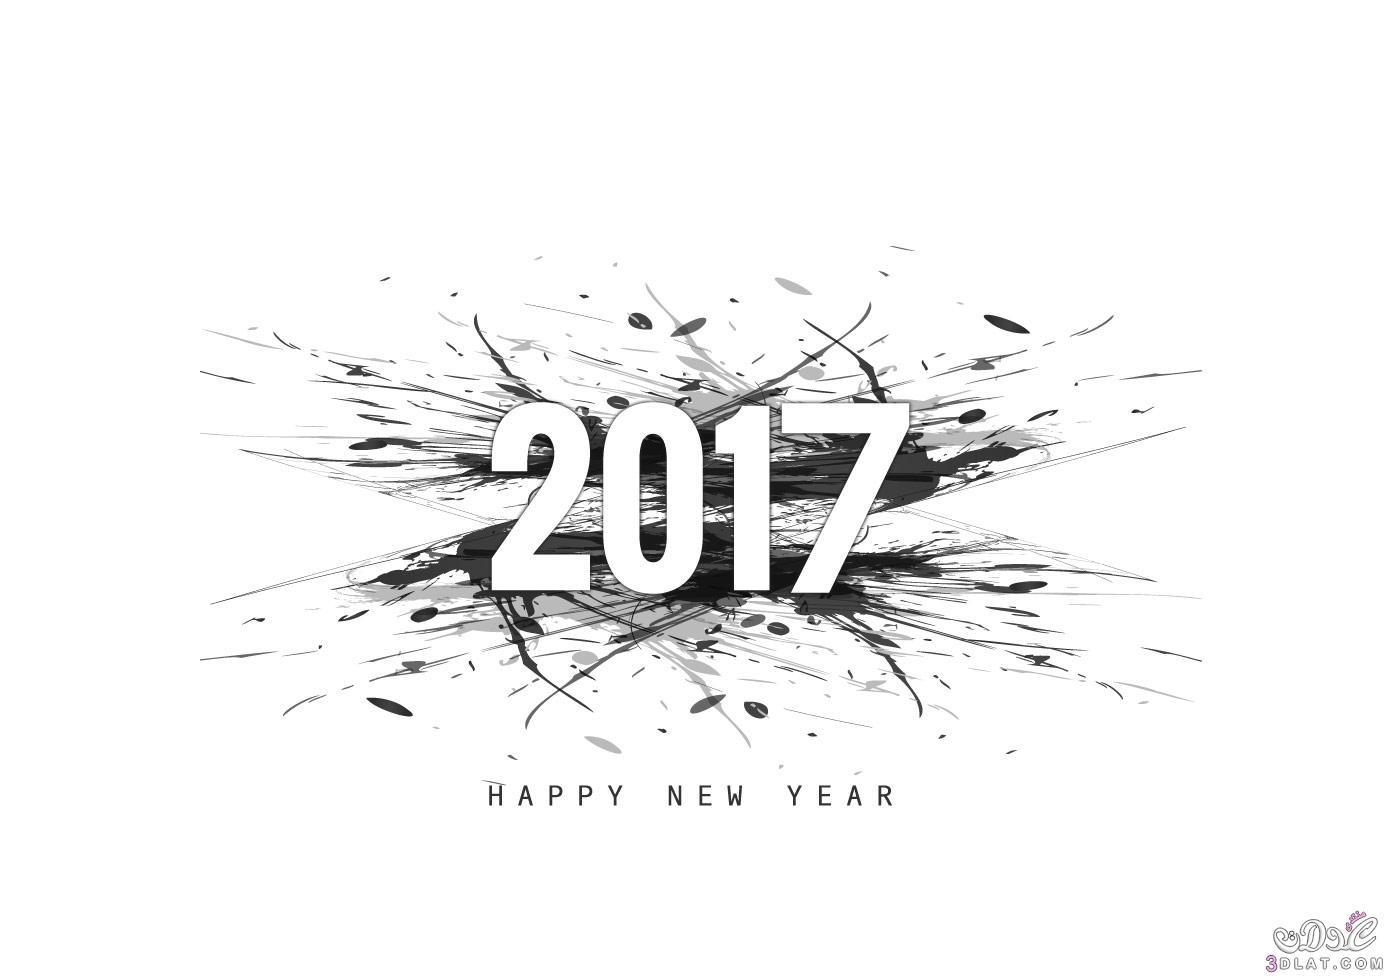 صور للعام الجديد 2017 , اروع رمزيات راس السنة الميلادية , photos new years 2017 new_1479739244_404.j